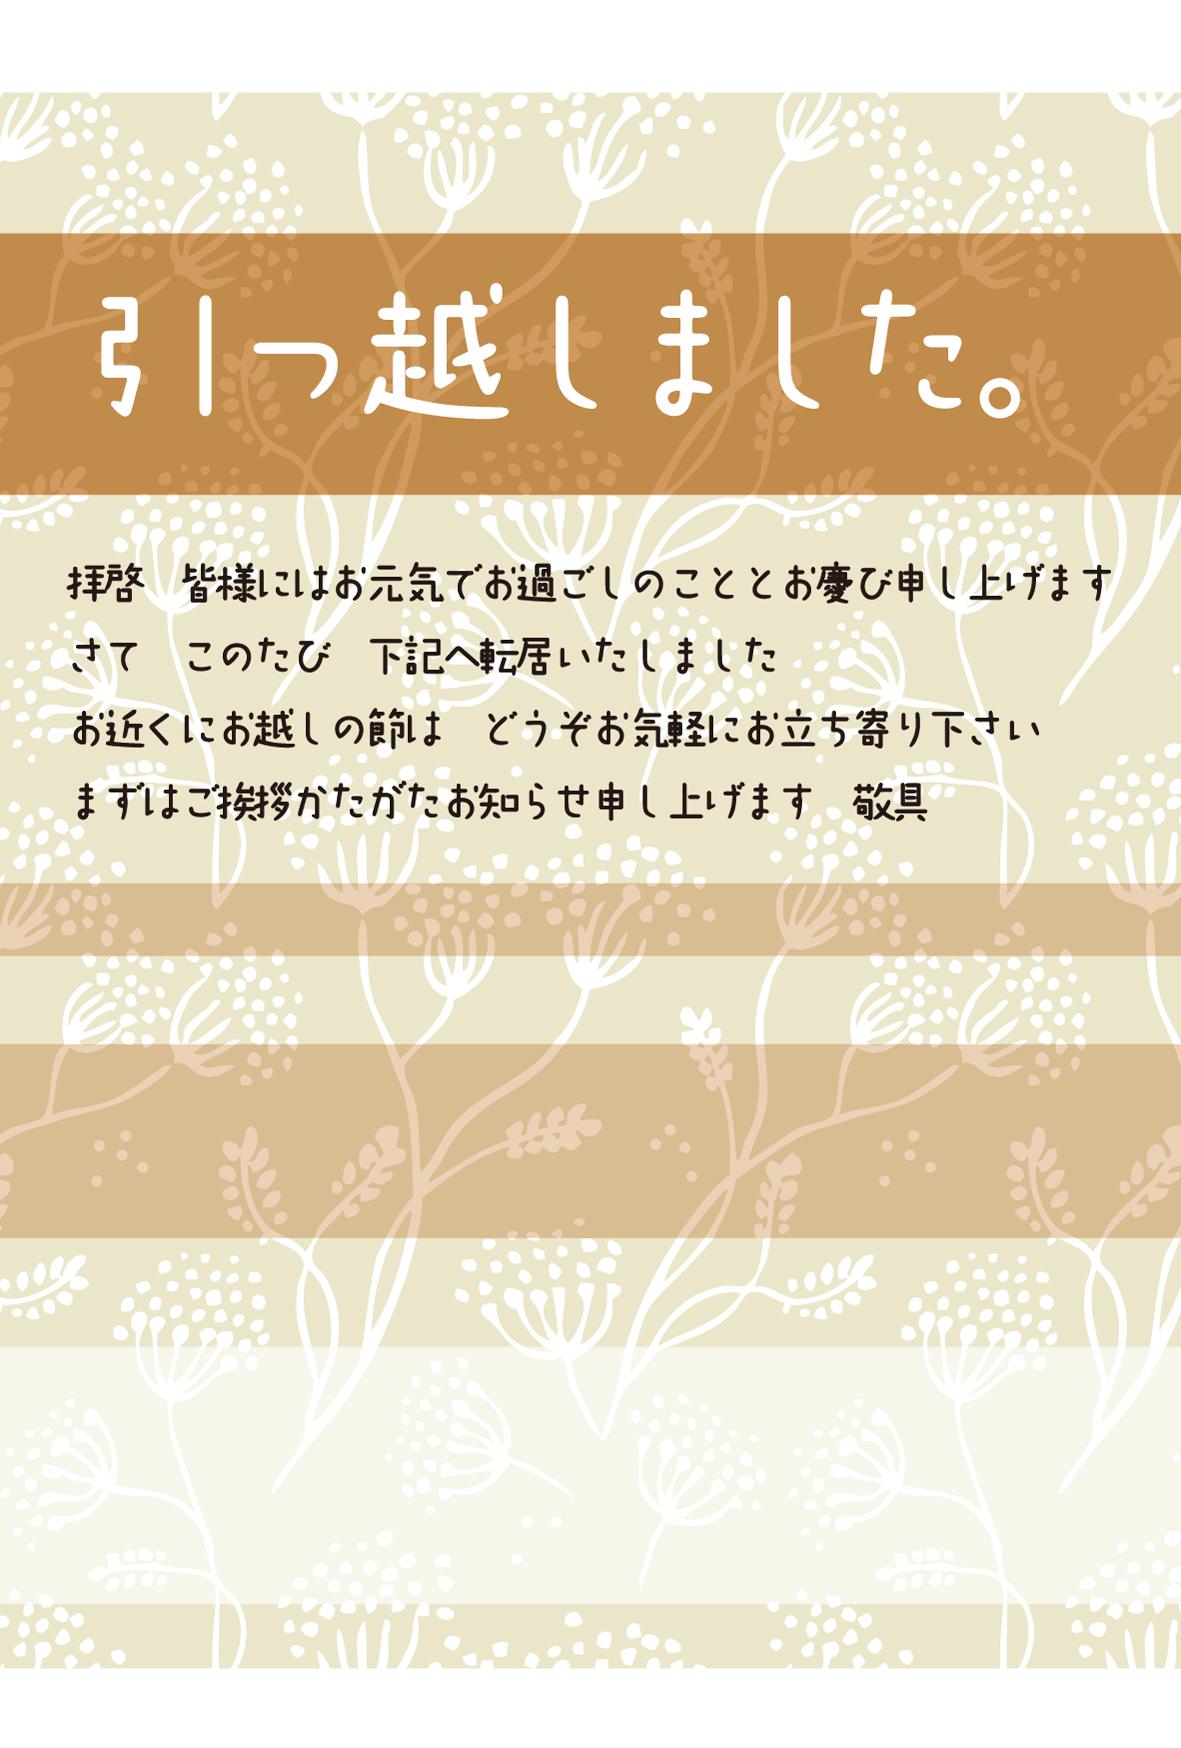 和風【ストライプ】イラストの ... : 無料サンプル ベビー : 無料